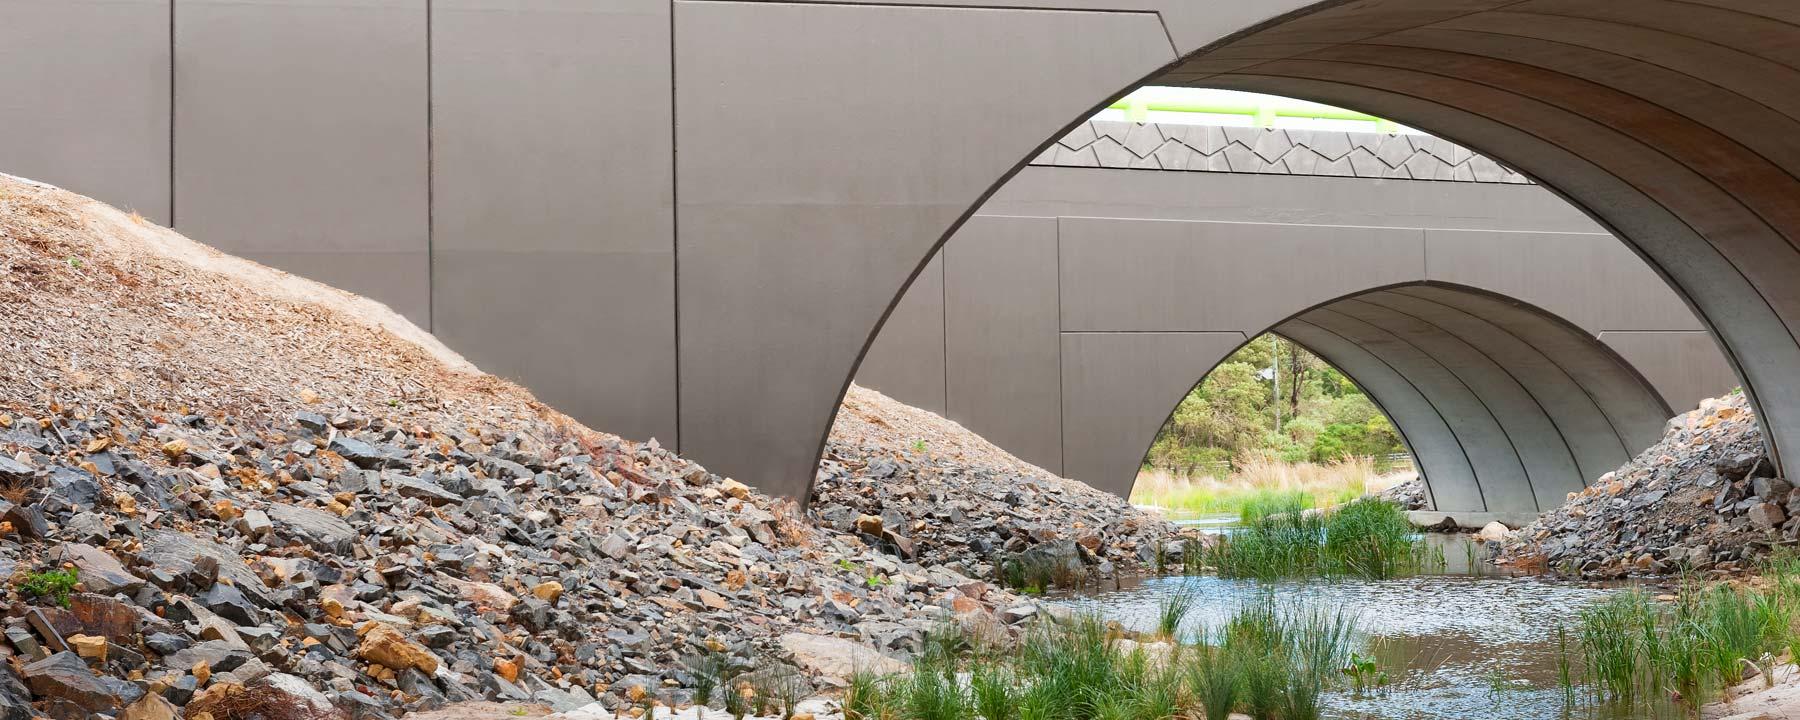 Precast Concrete Arches : Bebo arch solution